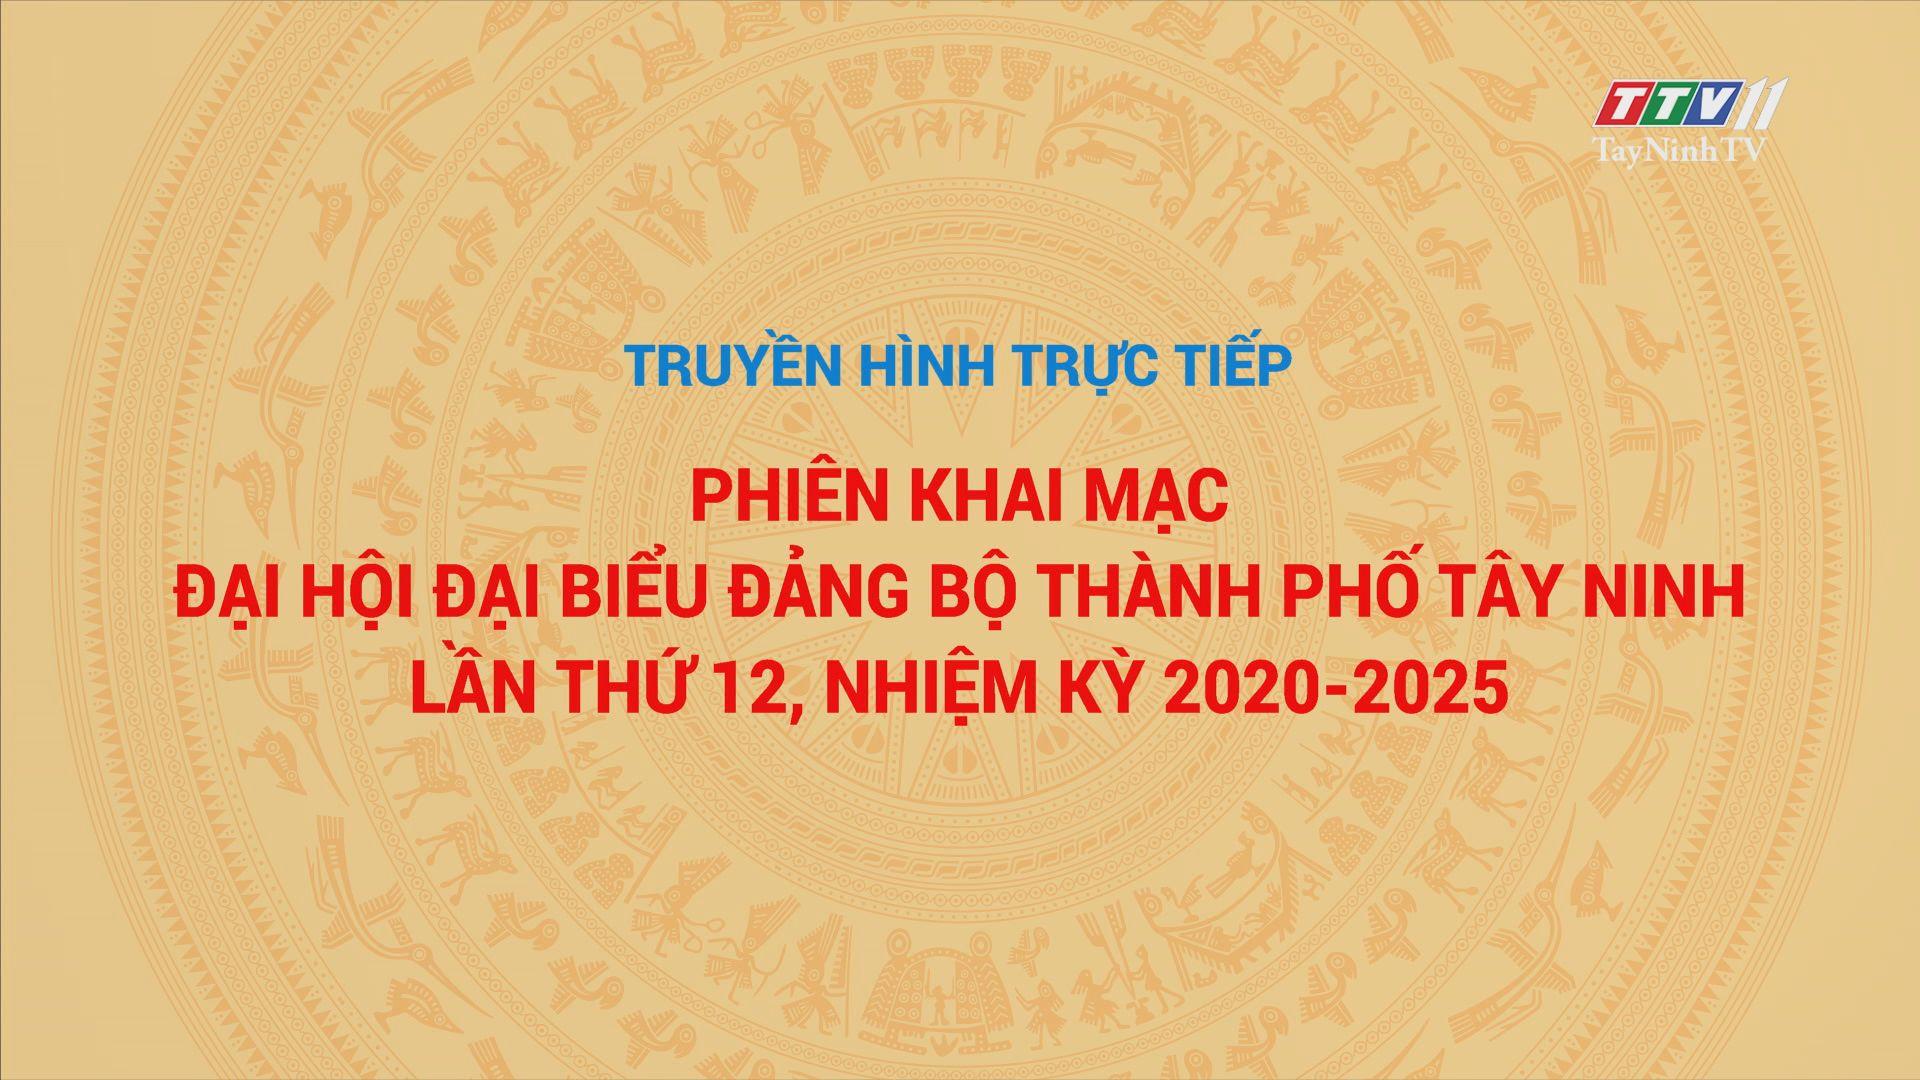 PHIÊN KHAI MẠC ĐẠI HỘI ĐẠI BIỂU ĐẢNG BỘ THÀNH PHỐ TÂY NINH LẦN THỨ XII, NHIỆM KỲ 2020-2025 | Truyền hình trực tiếp | TayNinhTV